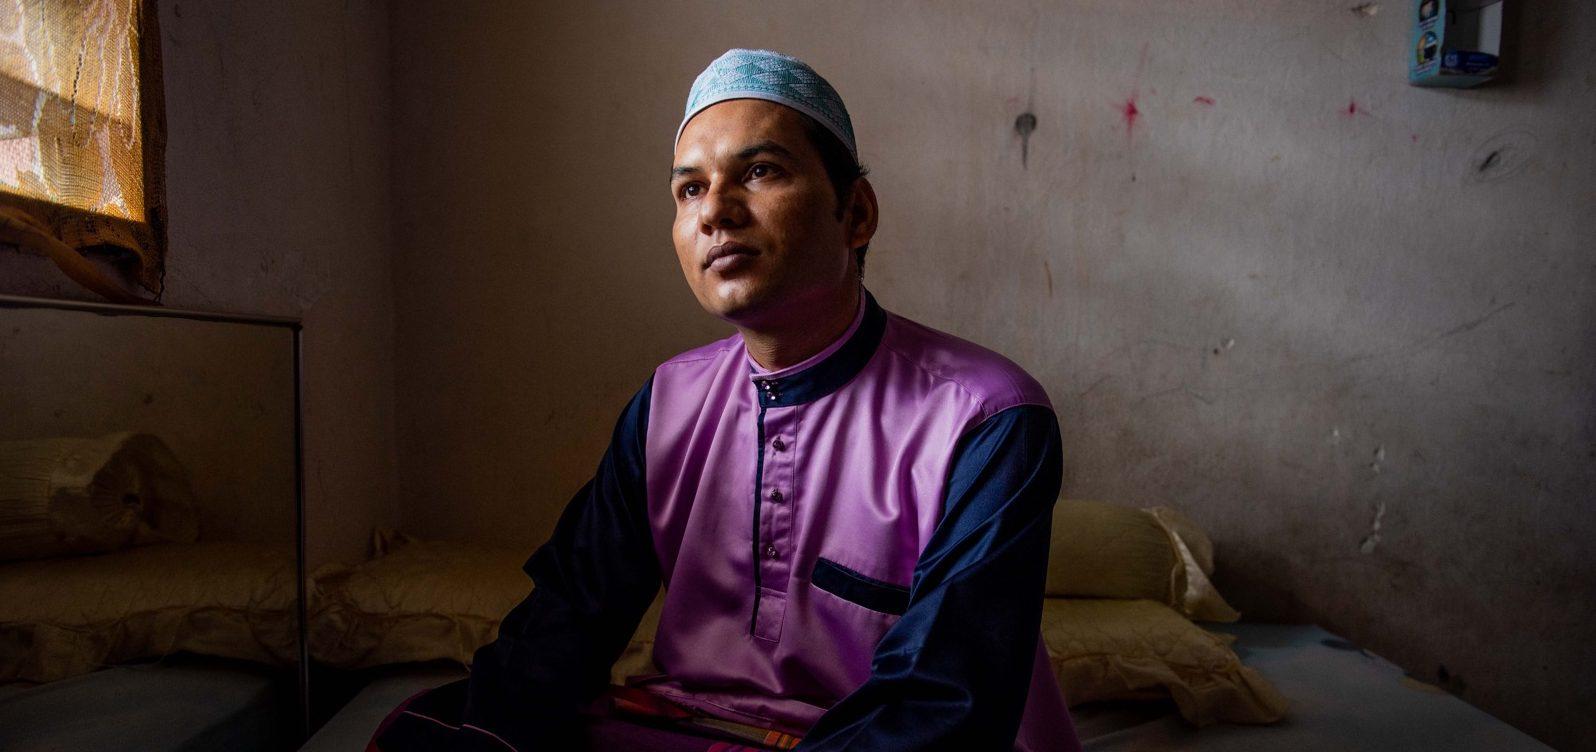 Abdul Hussin - New Naratif